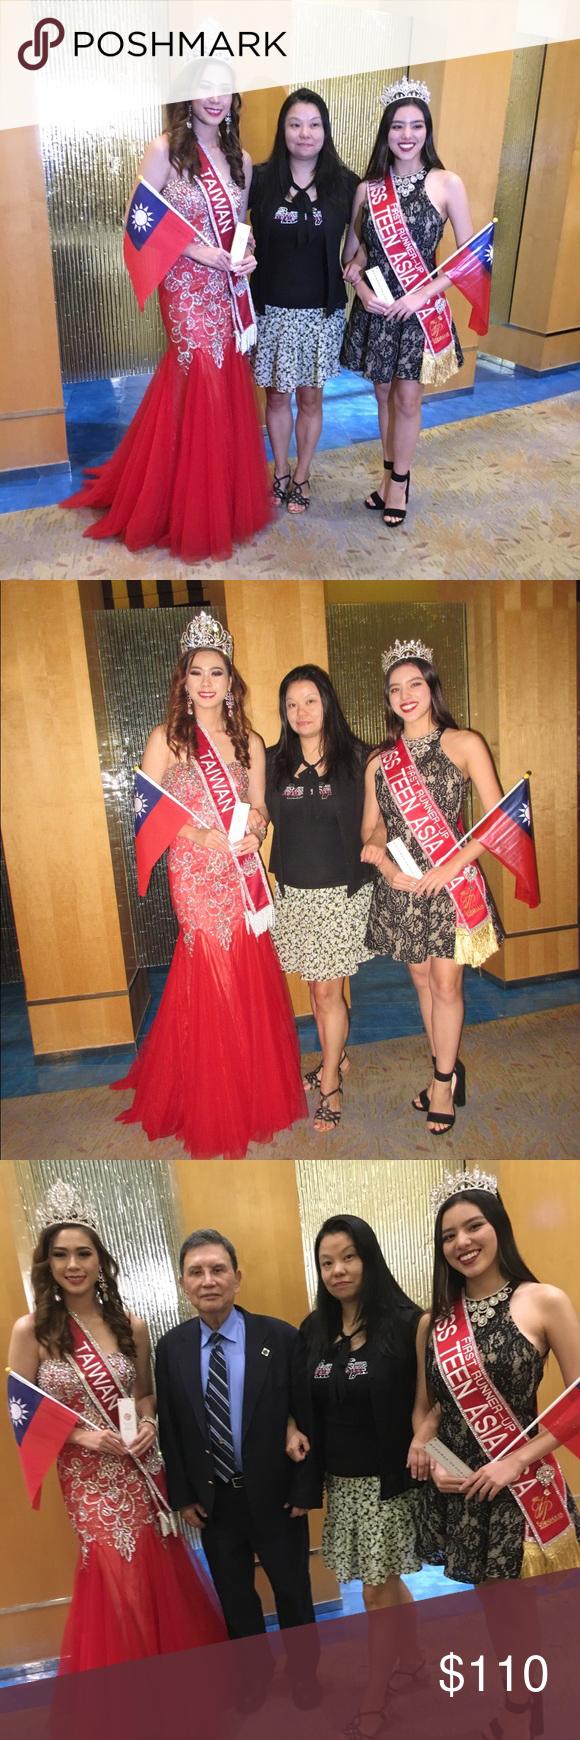 Miss Taiwan in beauty pageant shocker - Taipei Times